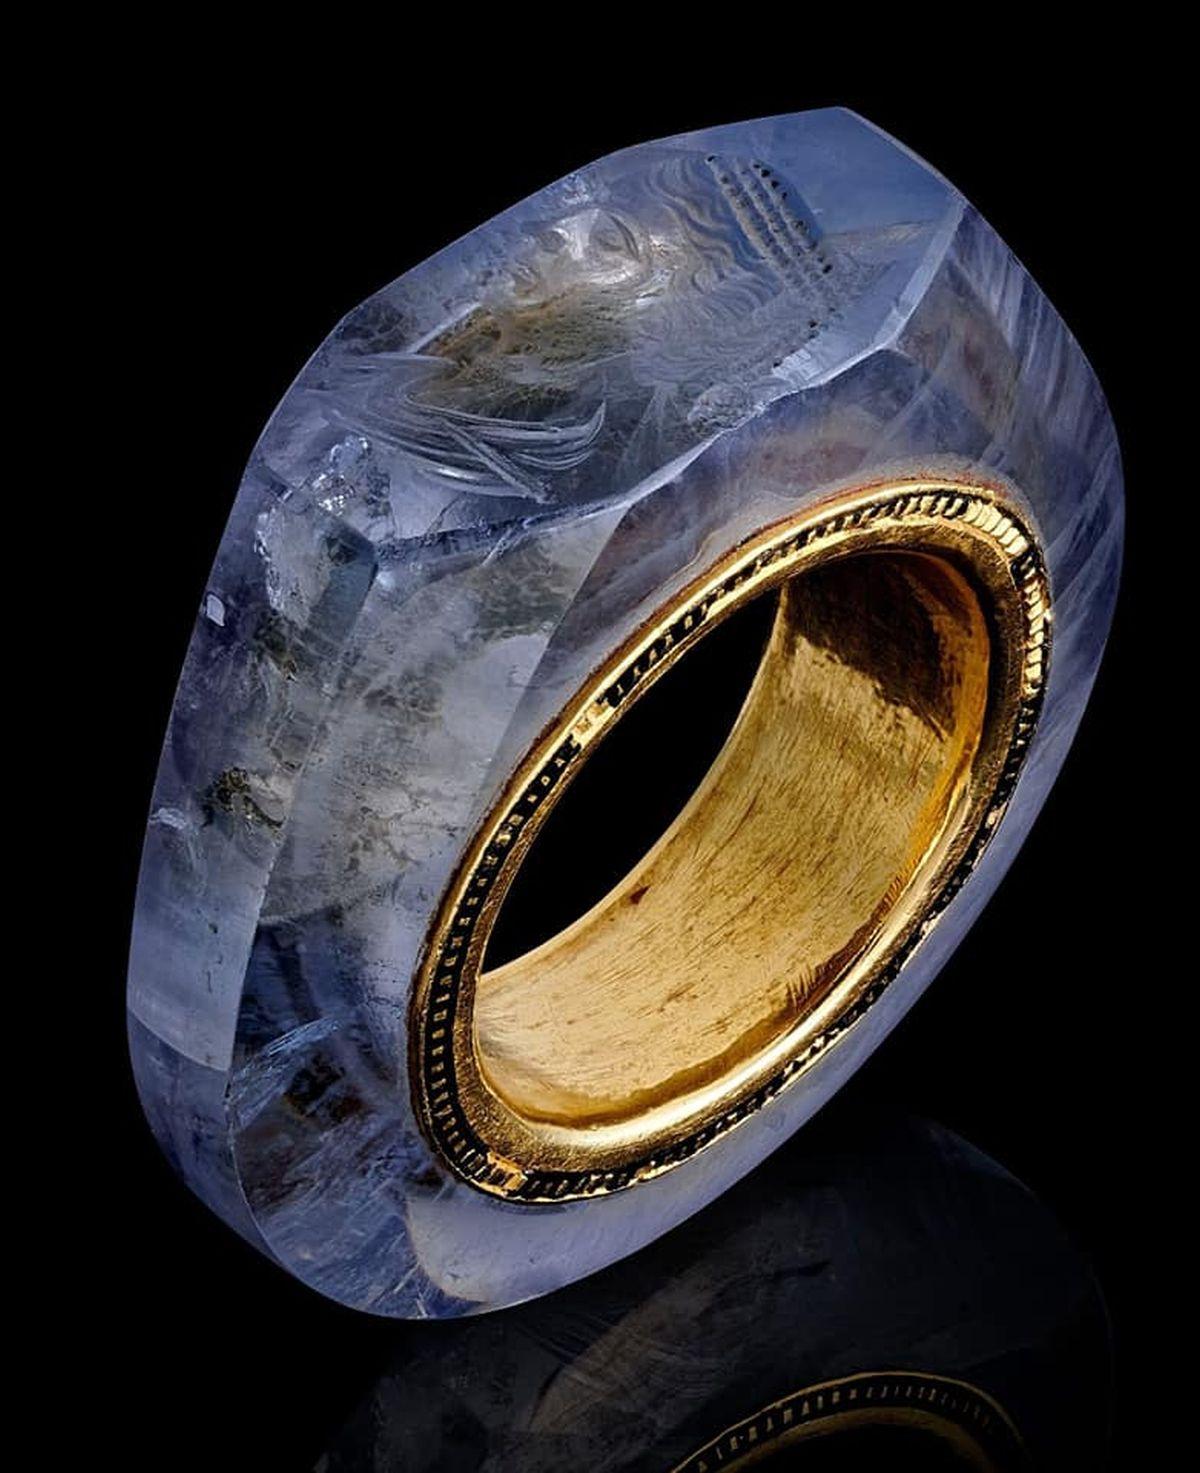 Rzymski szafirowy pierścień